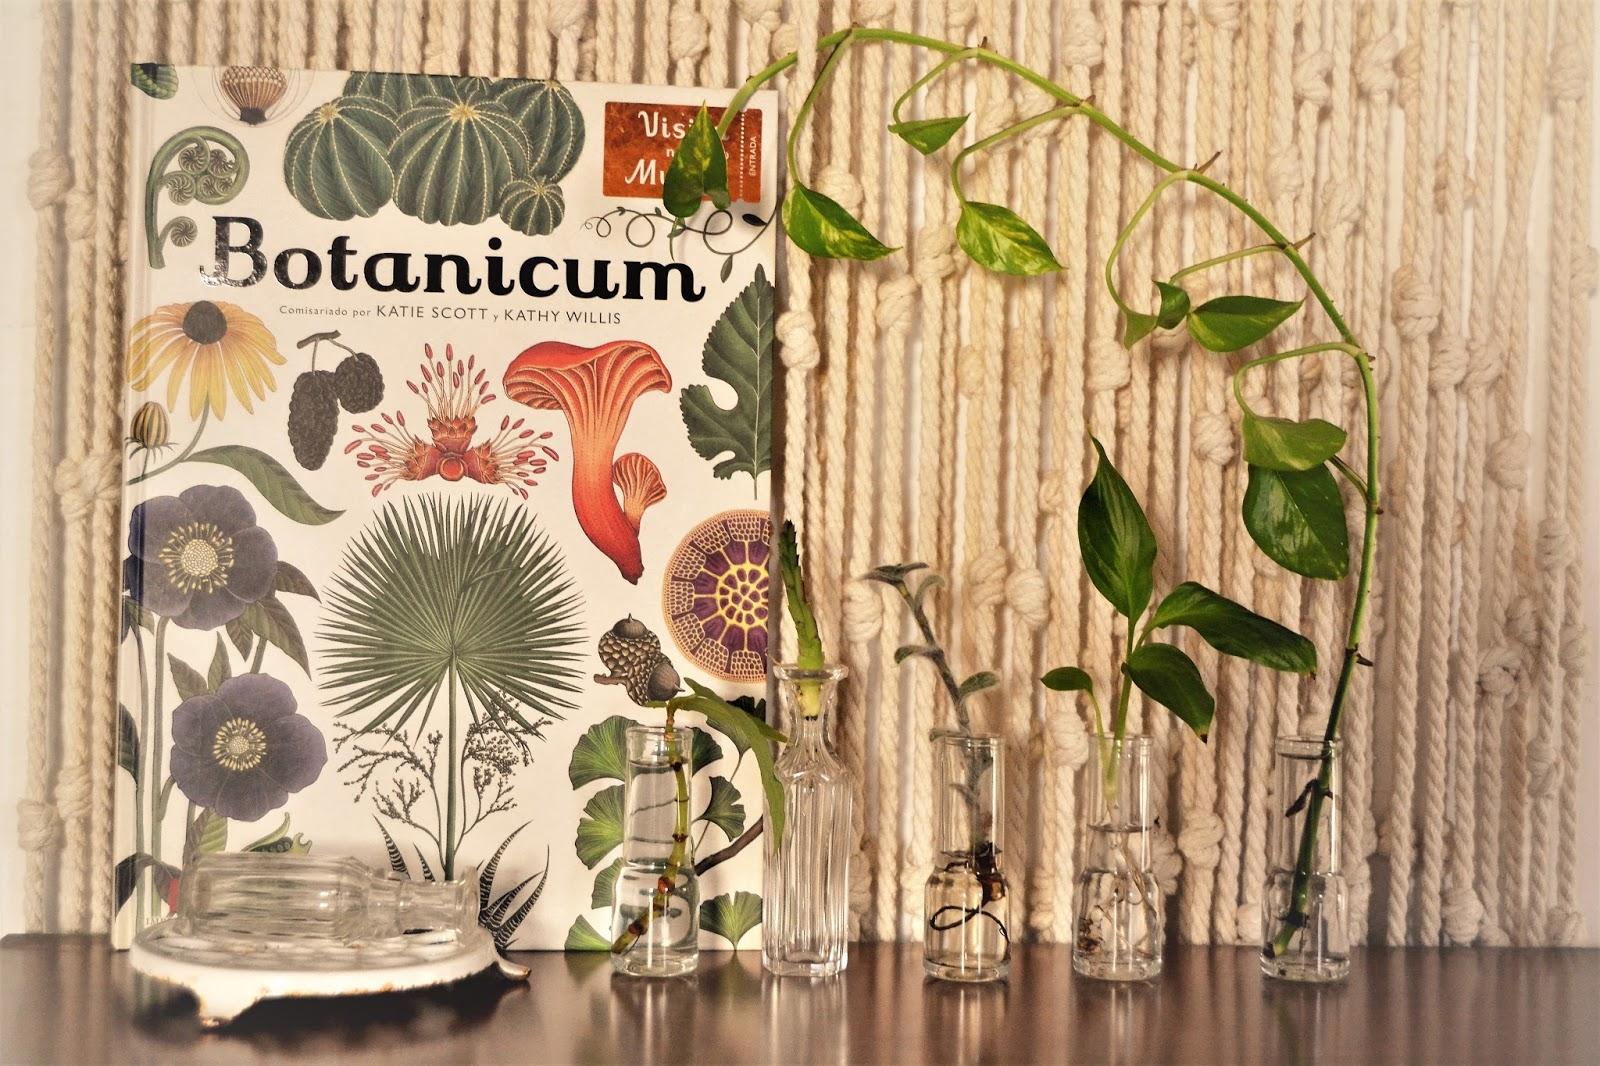 Botanicum, un museo hecho libro, álbum ilustrado de gran formato donde las plantas son las protagonistas